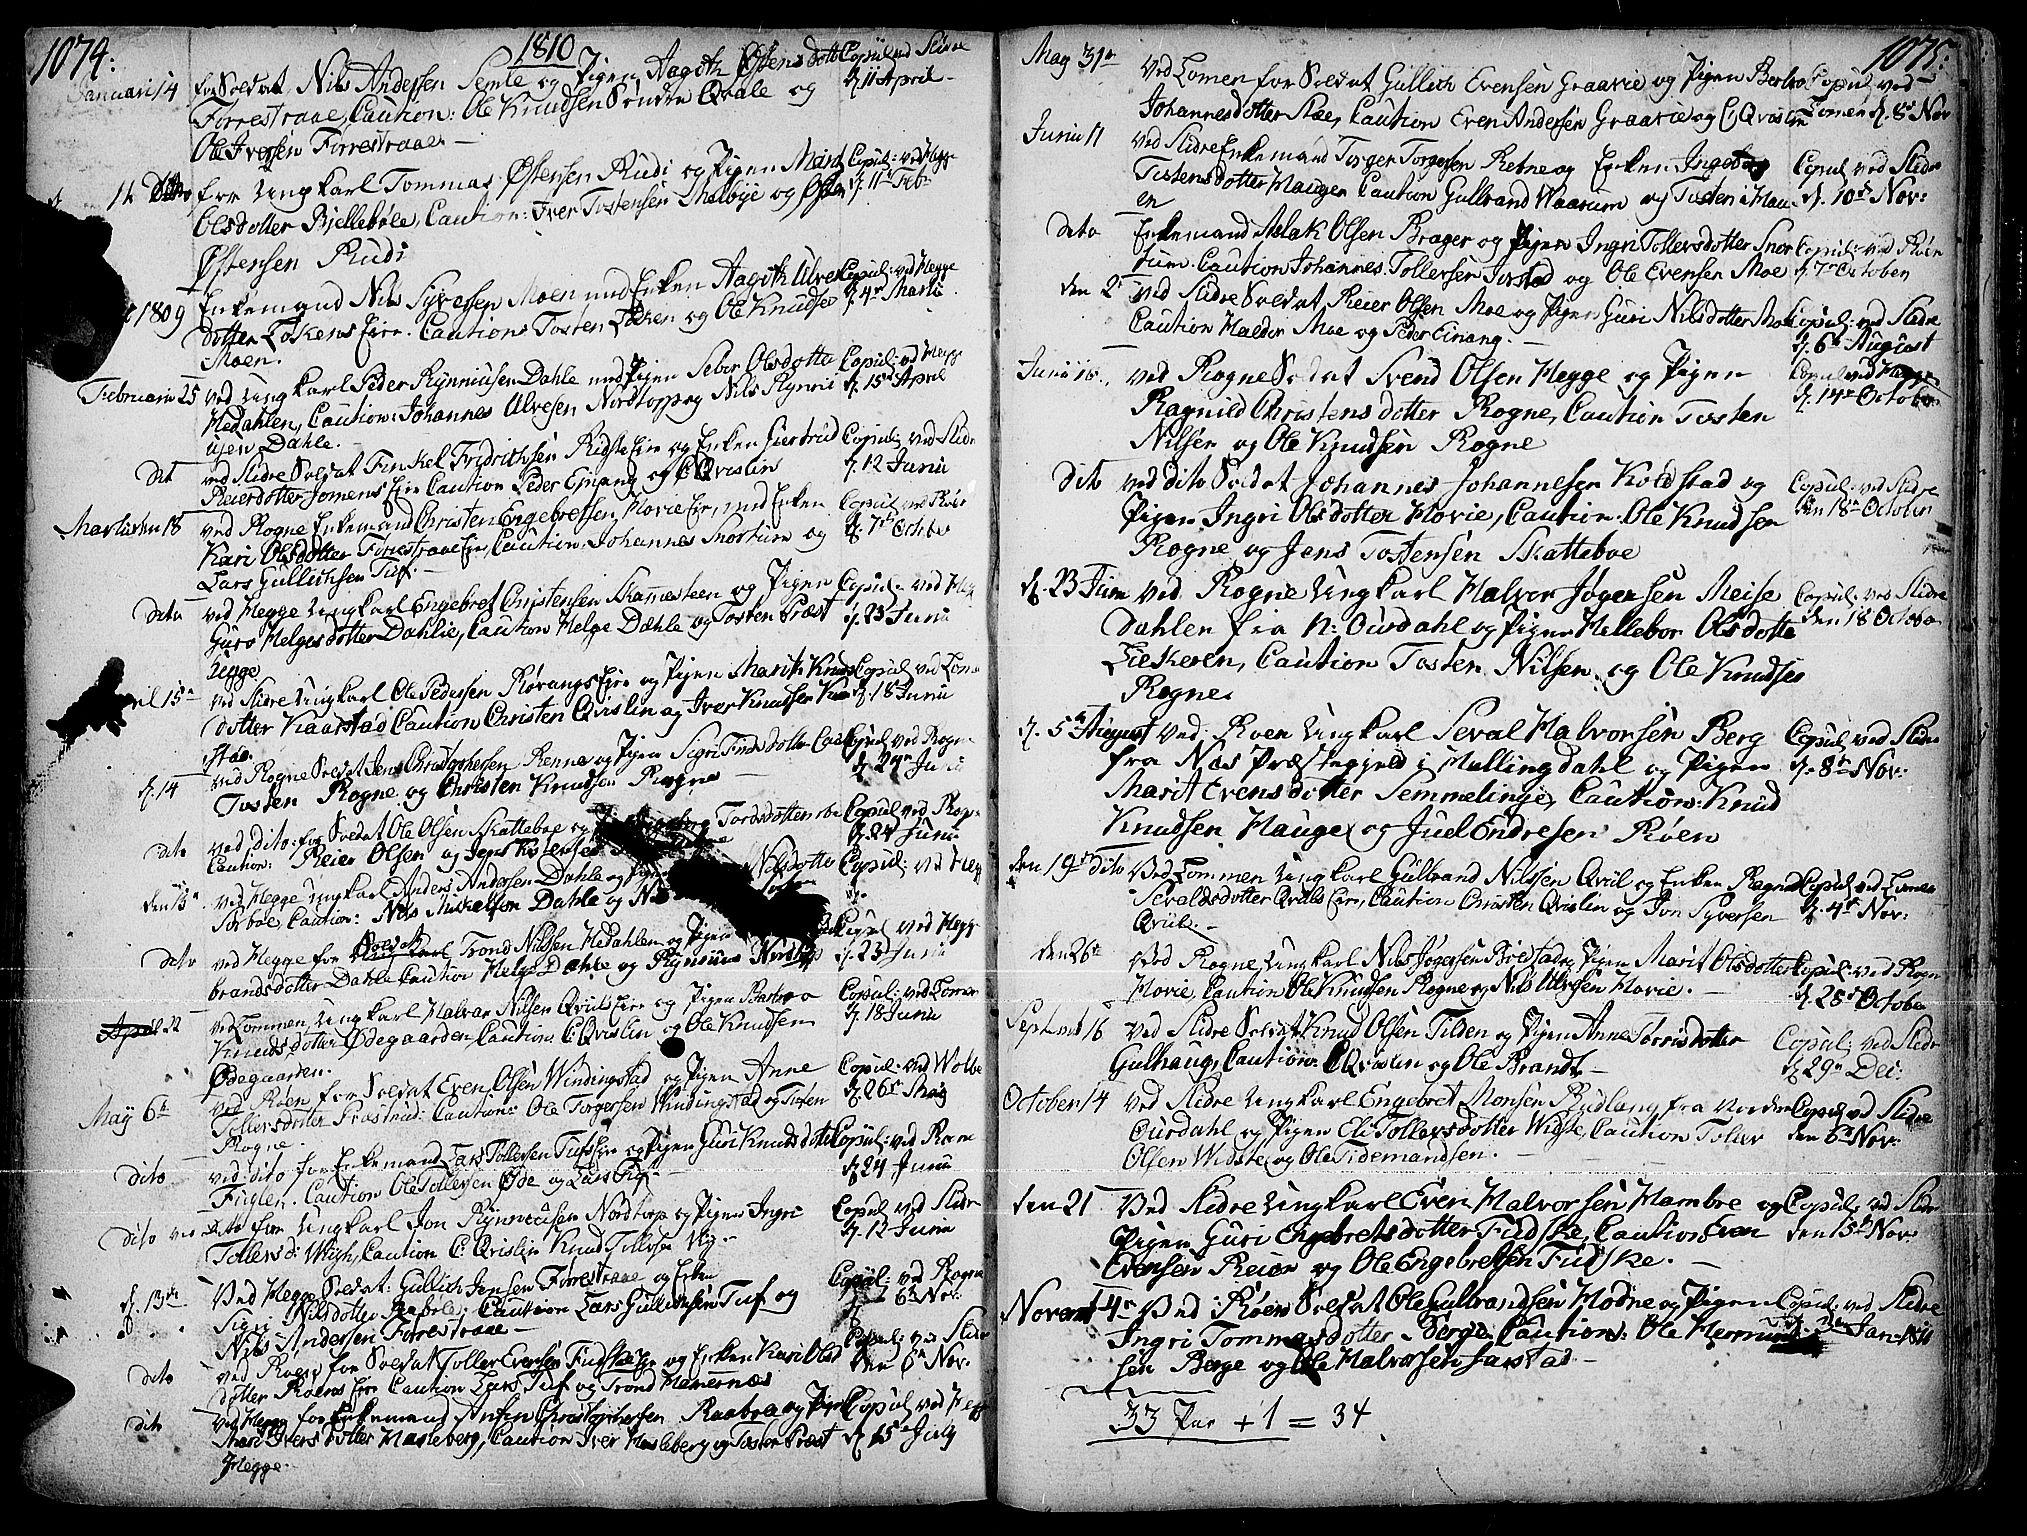 SAH, Slidre prestekontor, Ministerialbok nr. 1, 1724-1814, s. 1074-1075